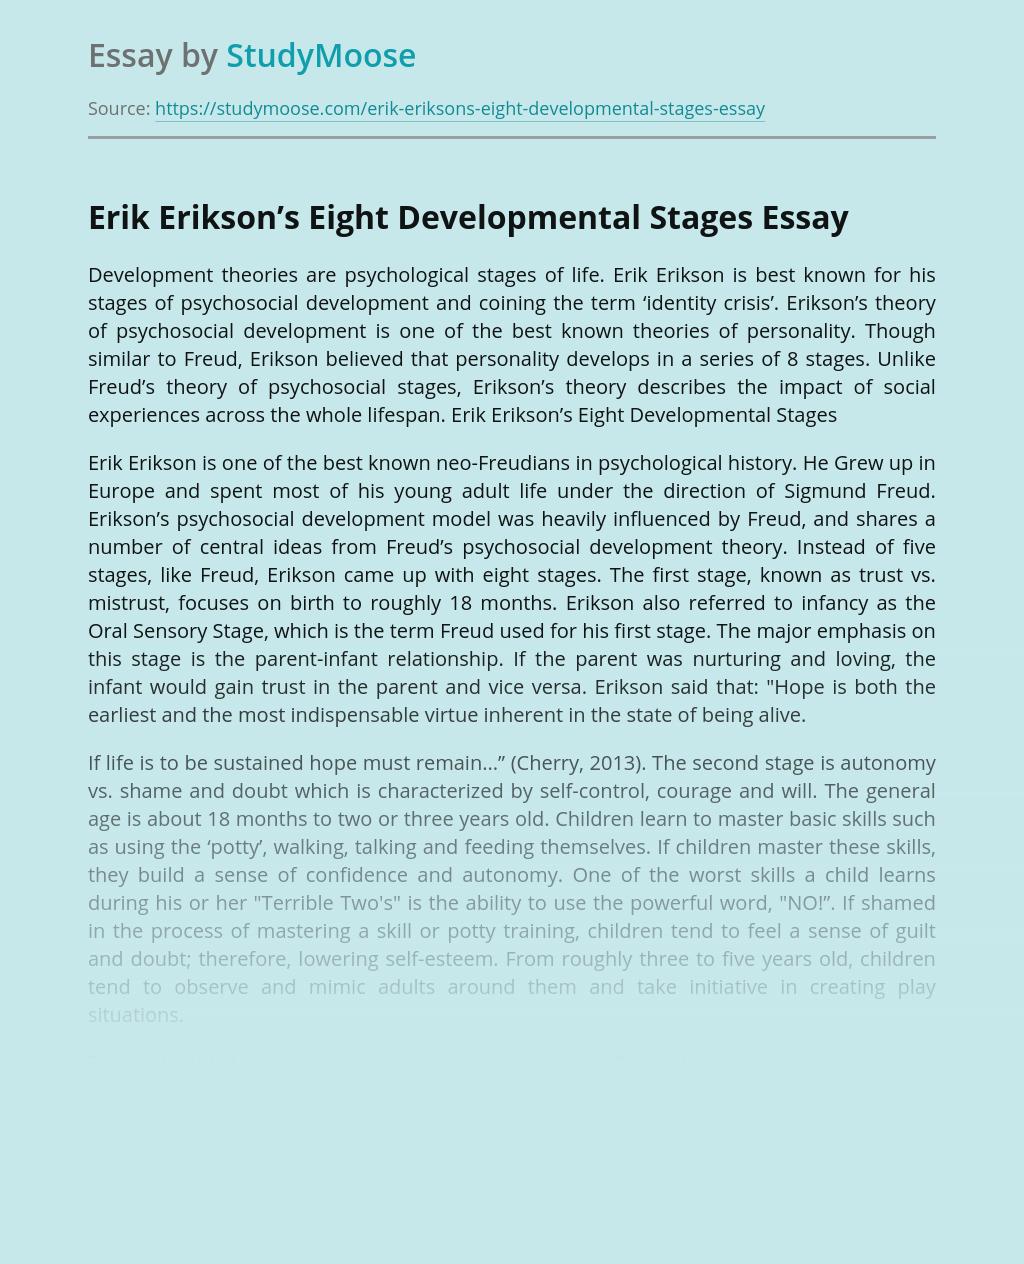 Erik Erikson's Eight Developmental Stages